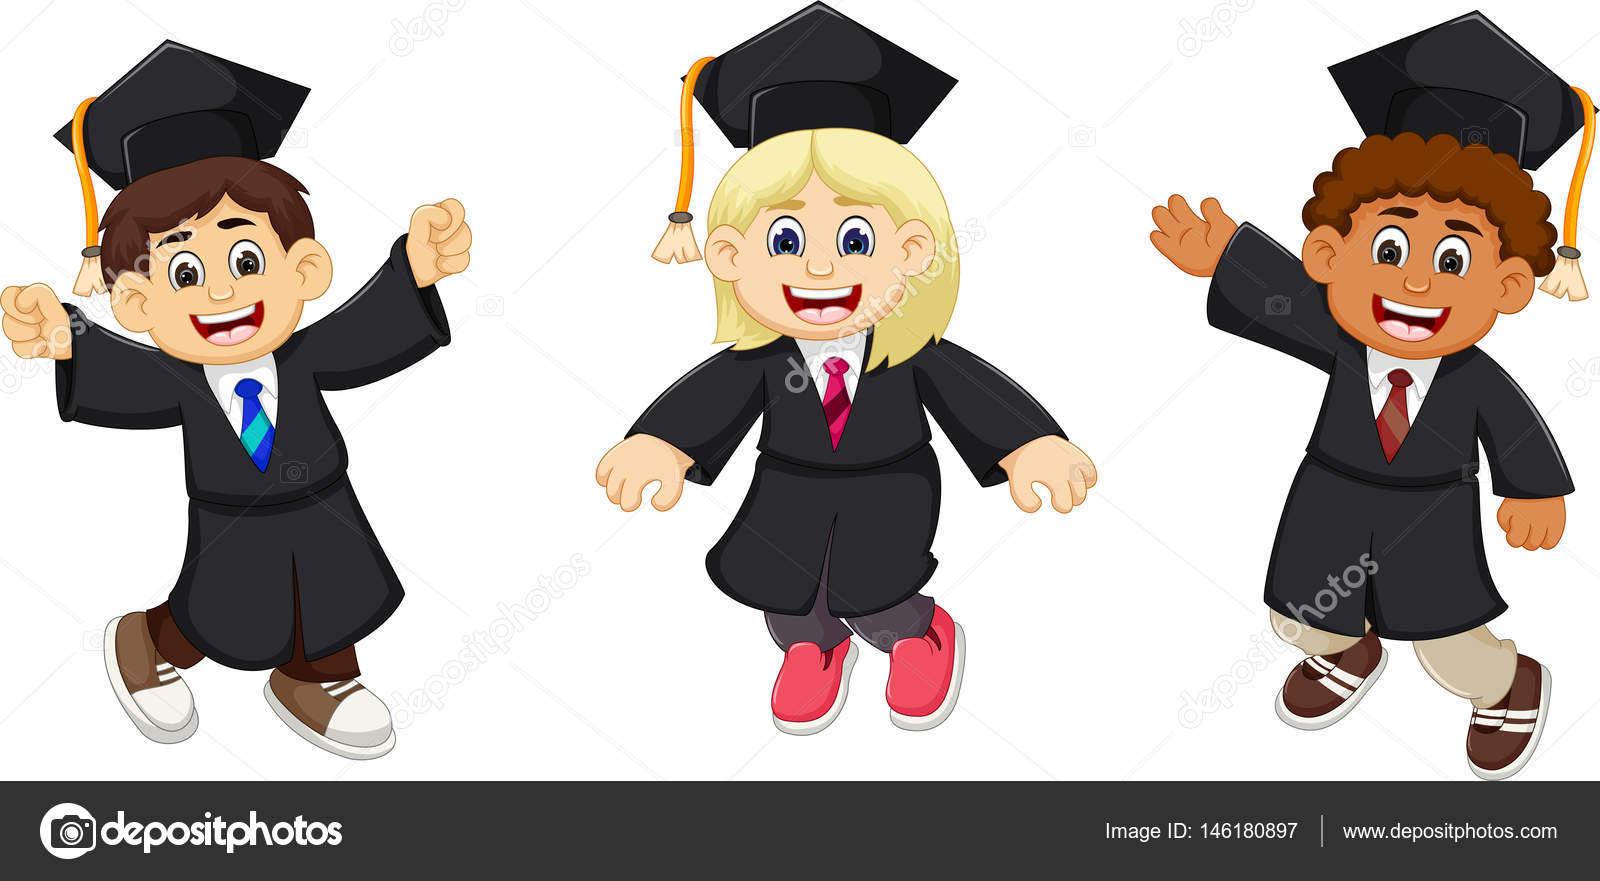 Imagenes De Graduados Chistoso De Dibujos Animados